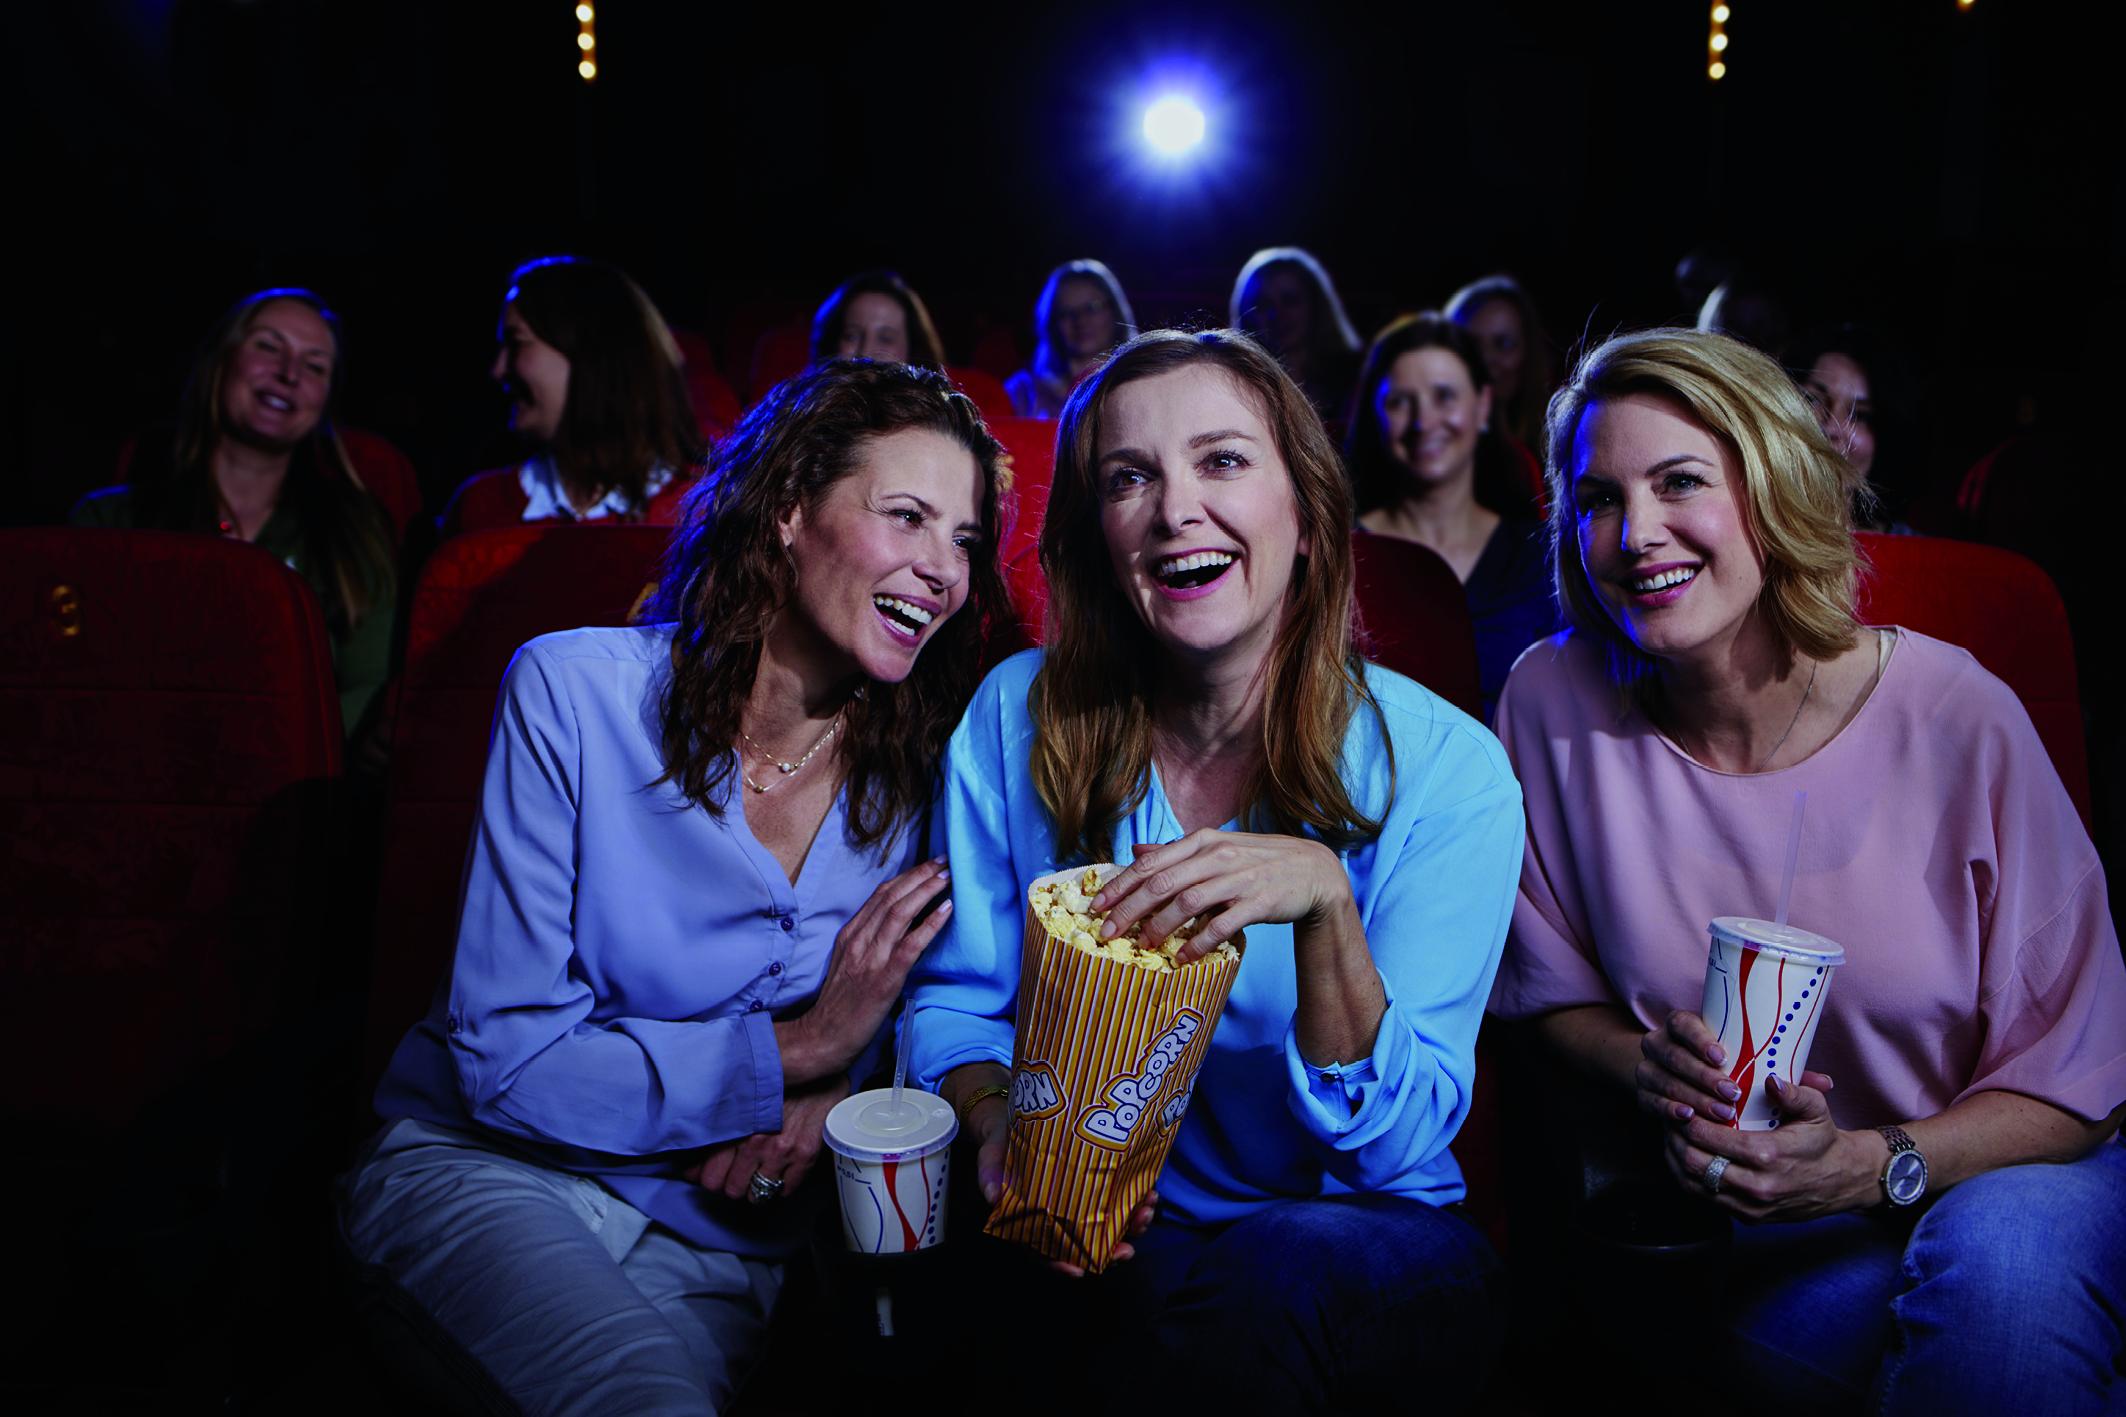 Drei Frauen genießen einen Kinobesuch, trotz Blasenschwäche